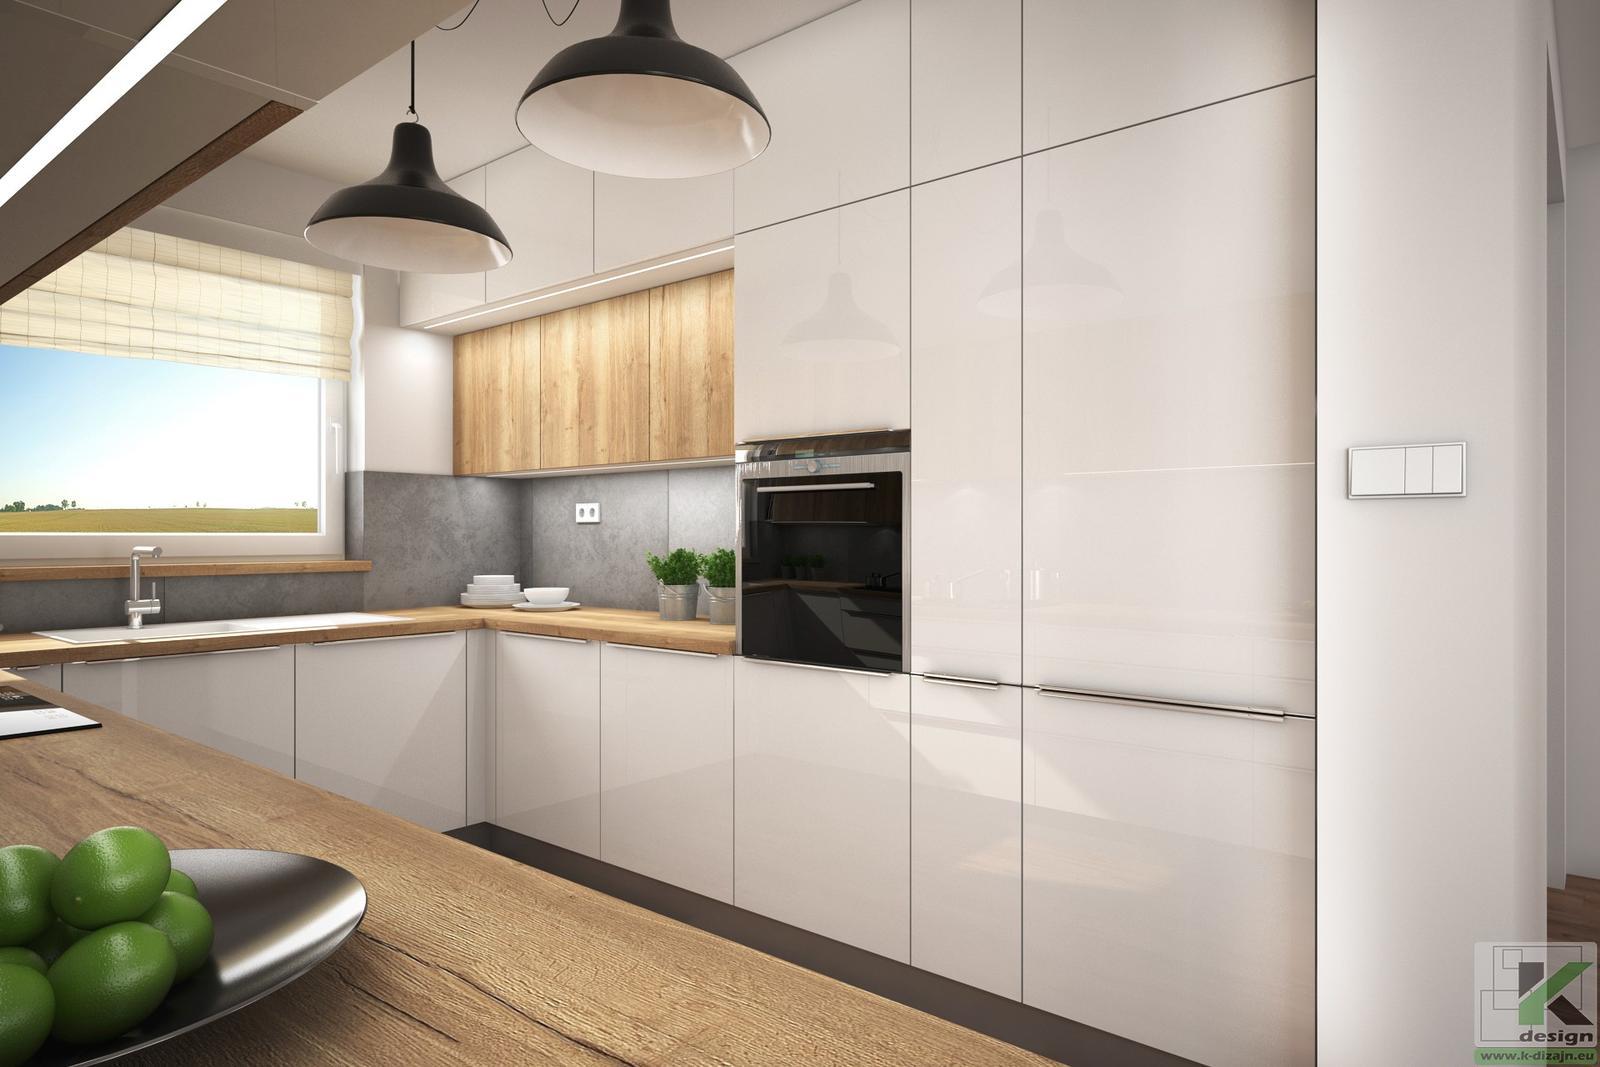 Vizualizácie kuchyne so sedením - Obrázok č. 3